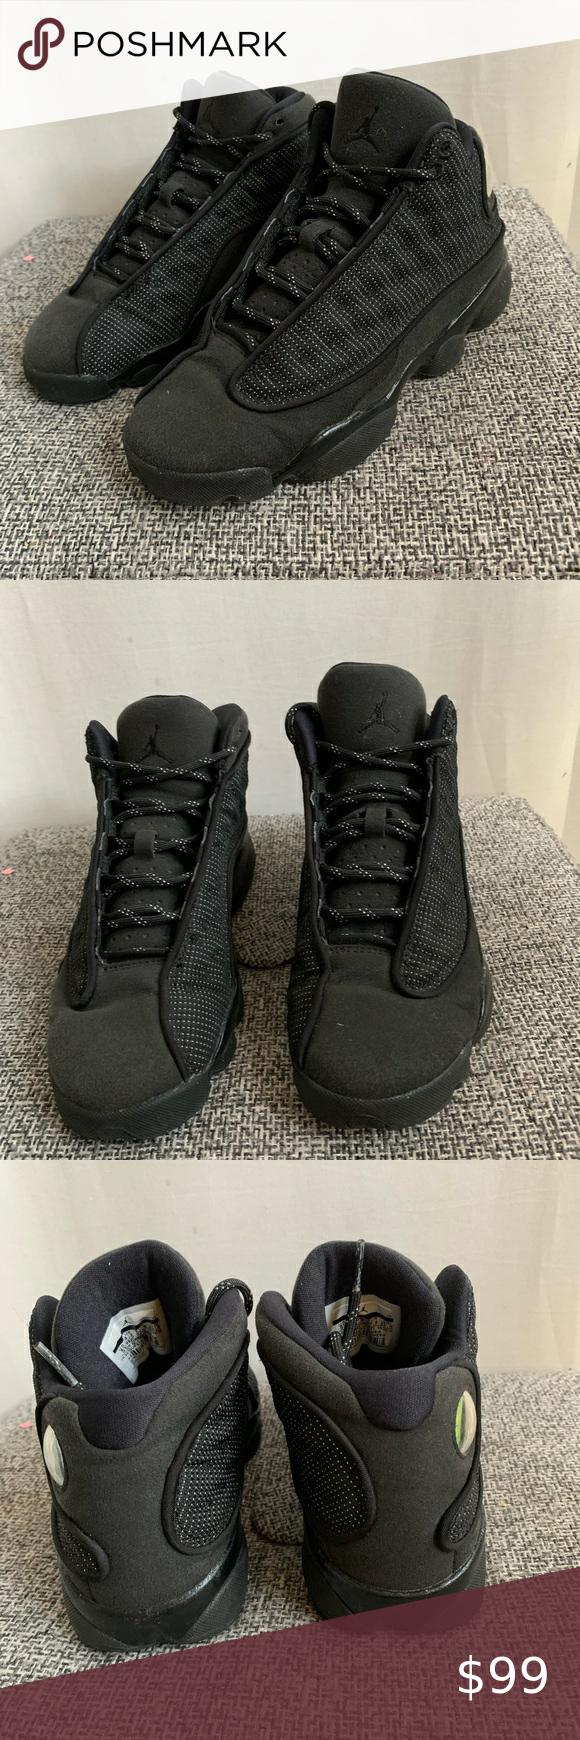 Air Jordan 13 Retro Black Cat Women S Size 7 In 2020 Air Jordans Jordan 13 Womens Jordans